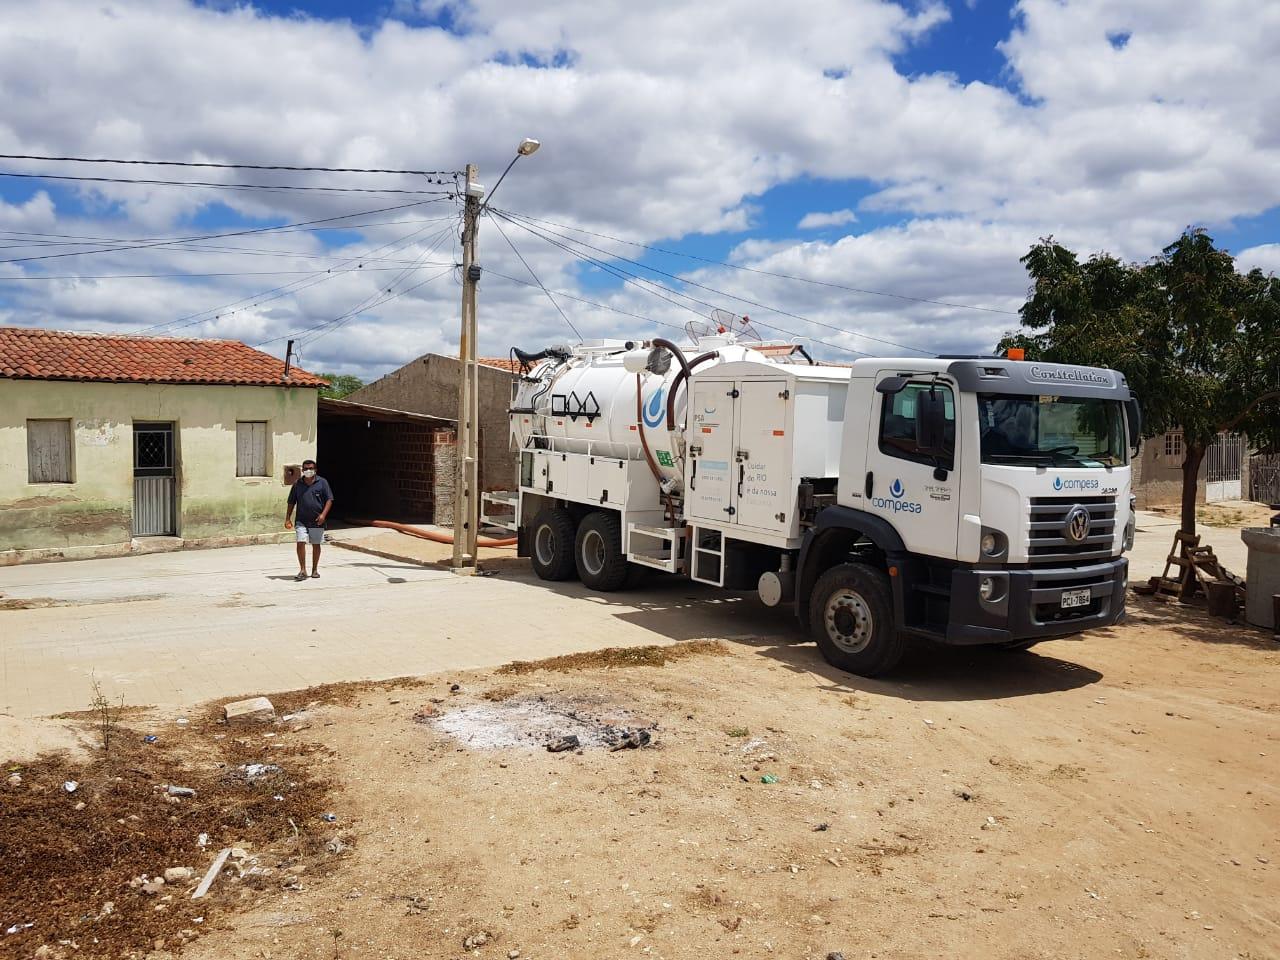 Parceria entre Prefeitura de Sertânia e Compesa beneficia moradores do Povoado Umburanas